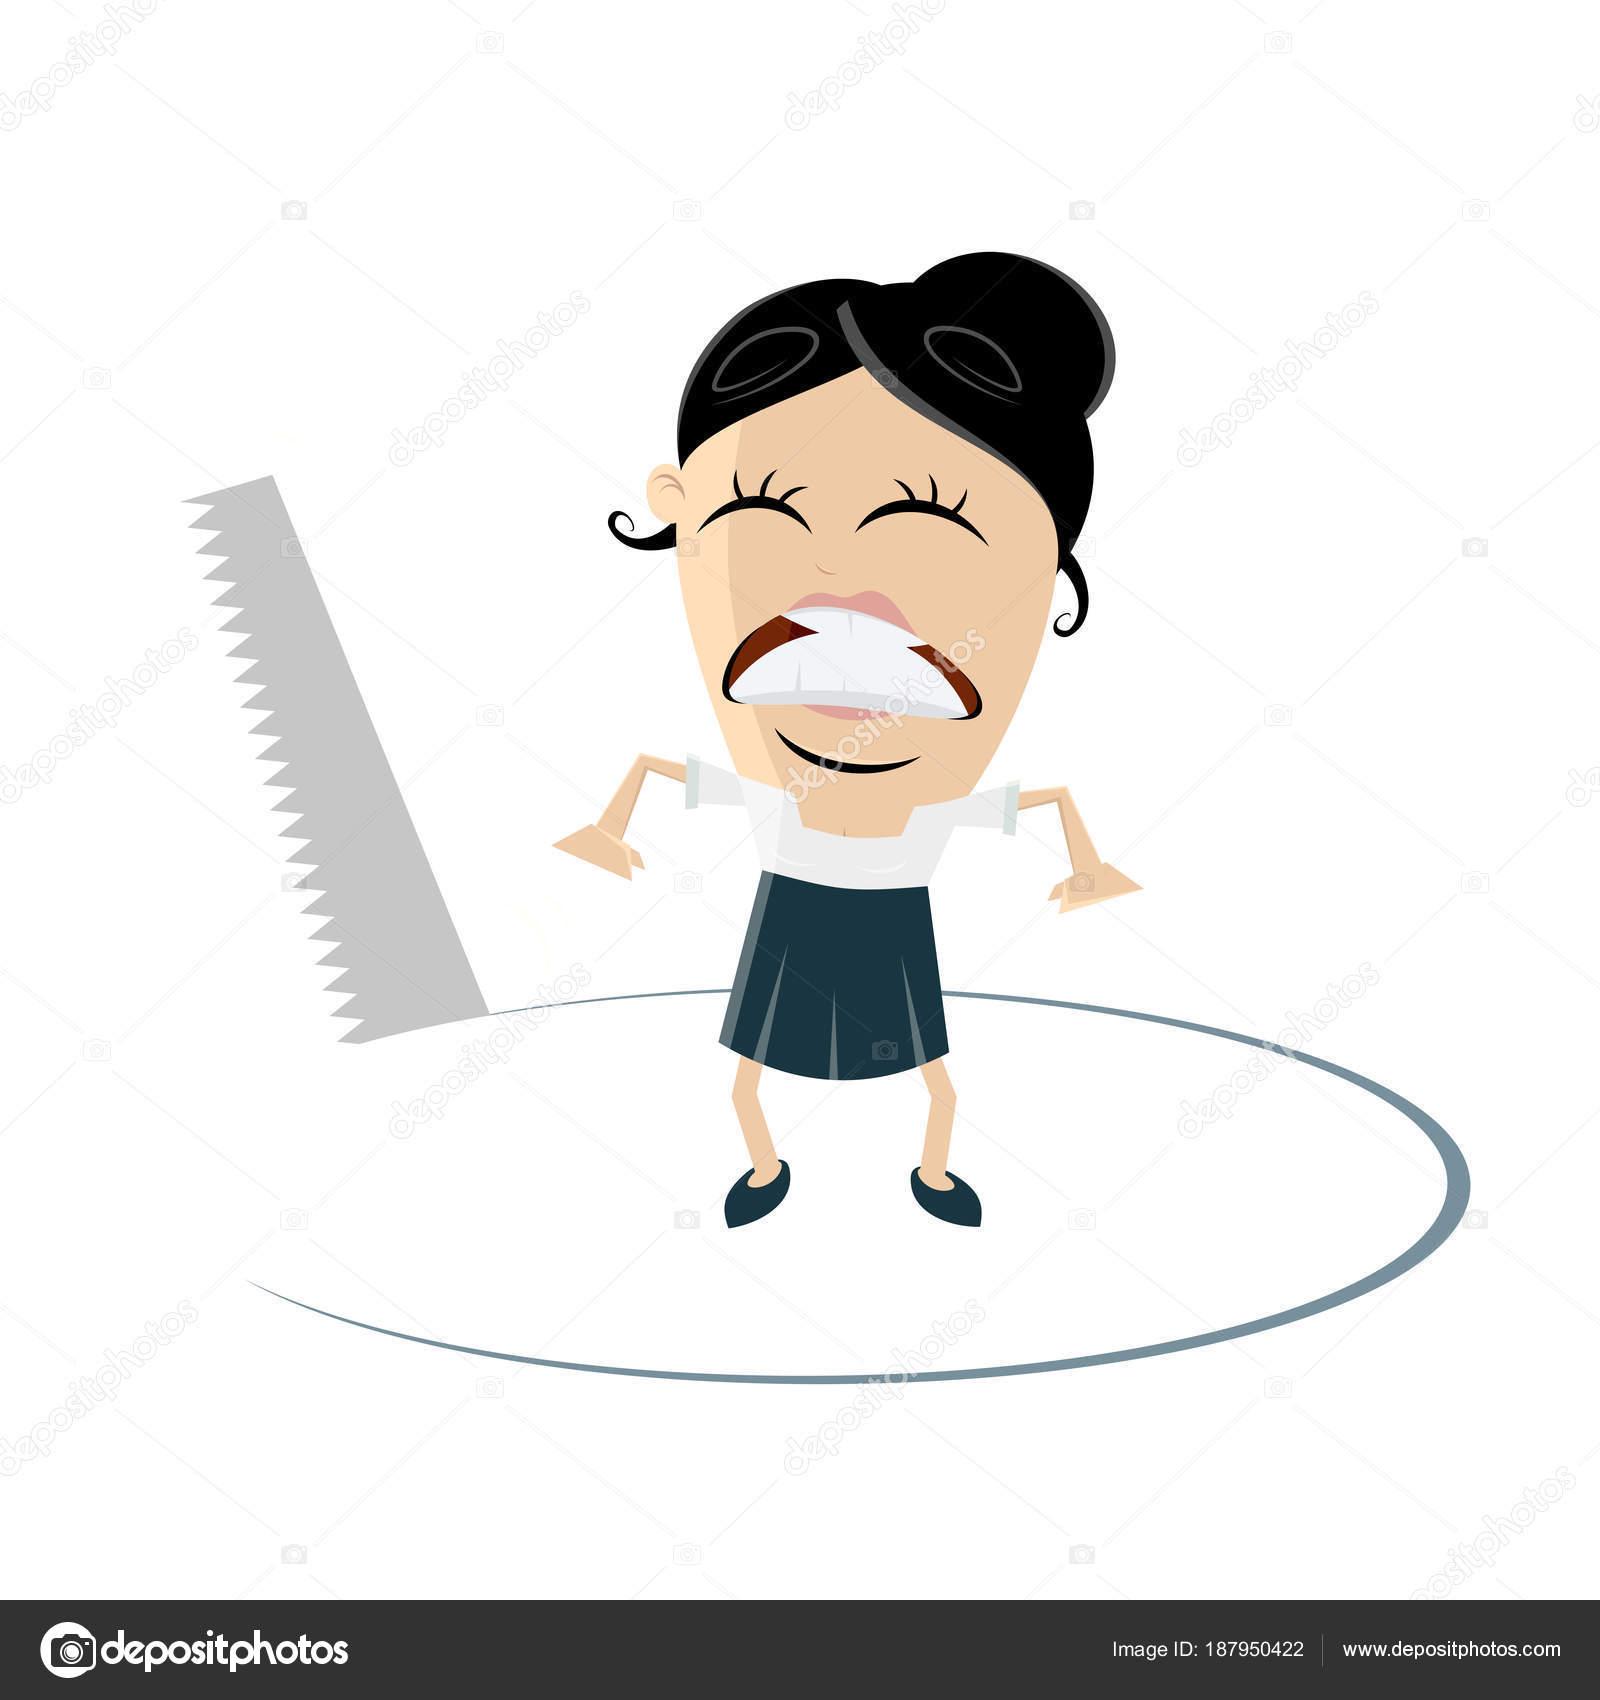 Clipart Danger Businesswoman Danger Clipart Stock Vector C Shockfactor De 187950422